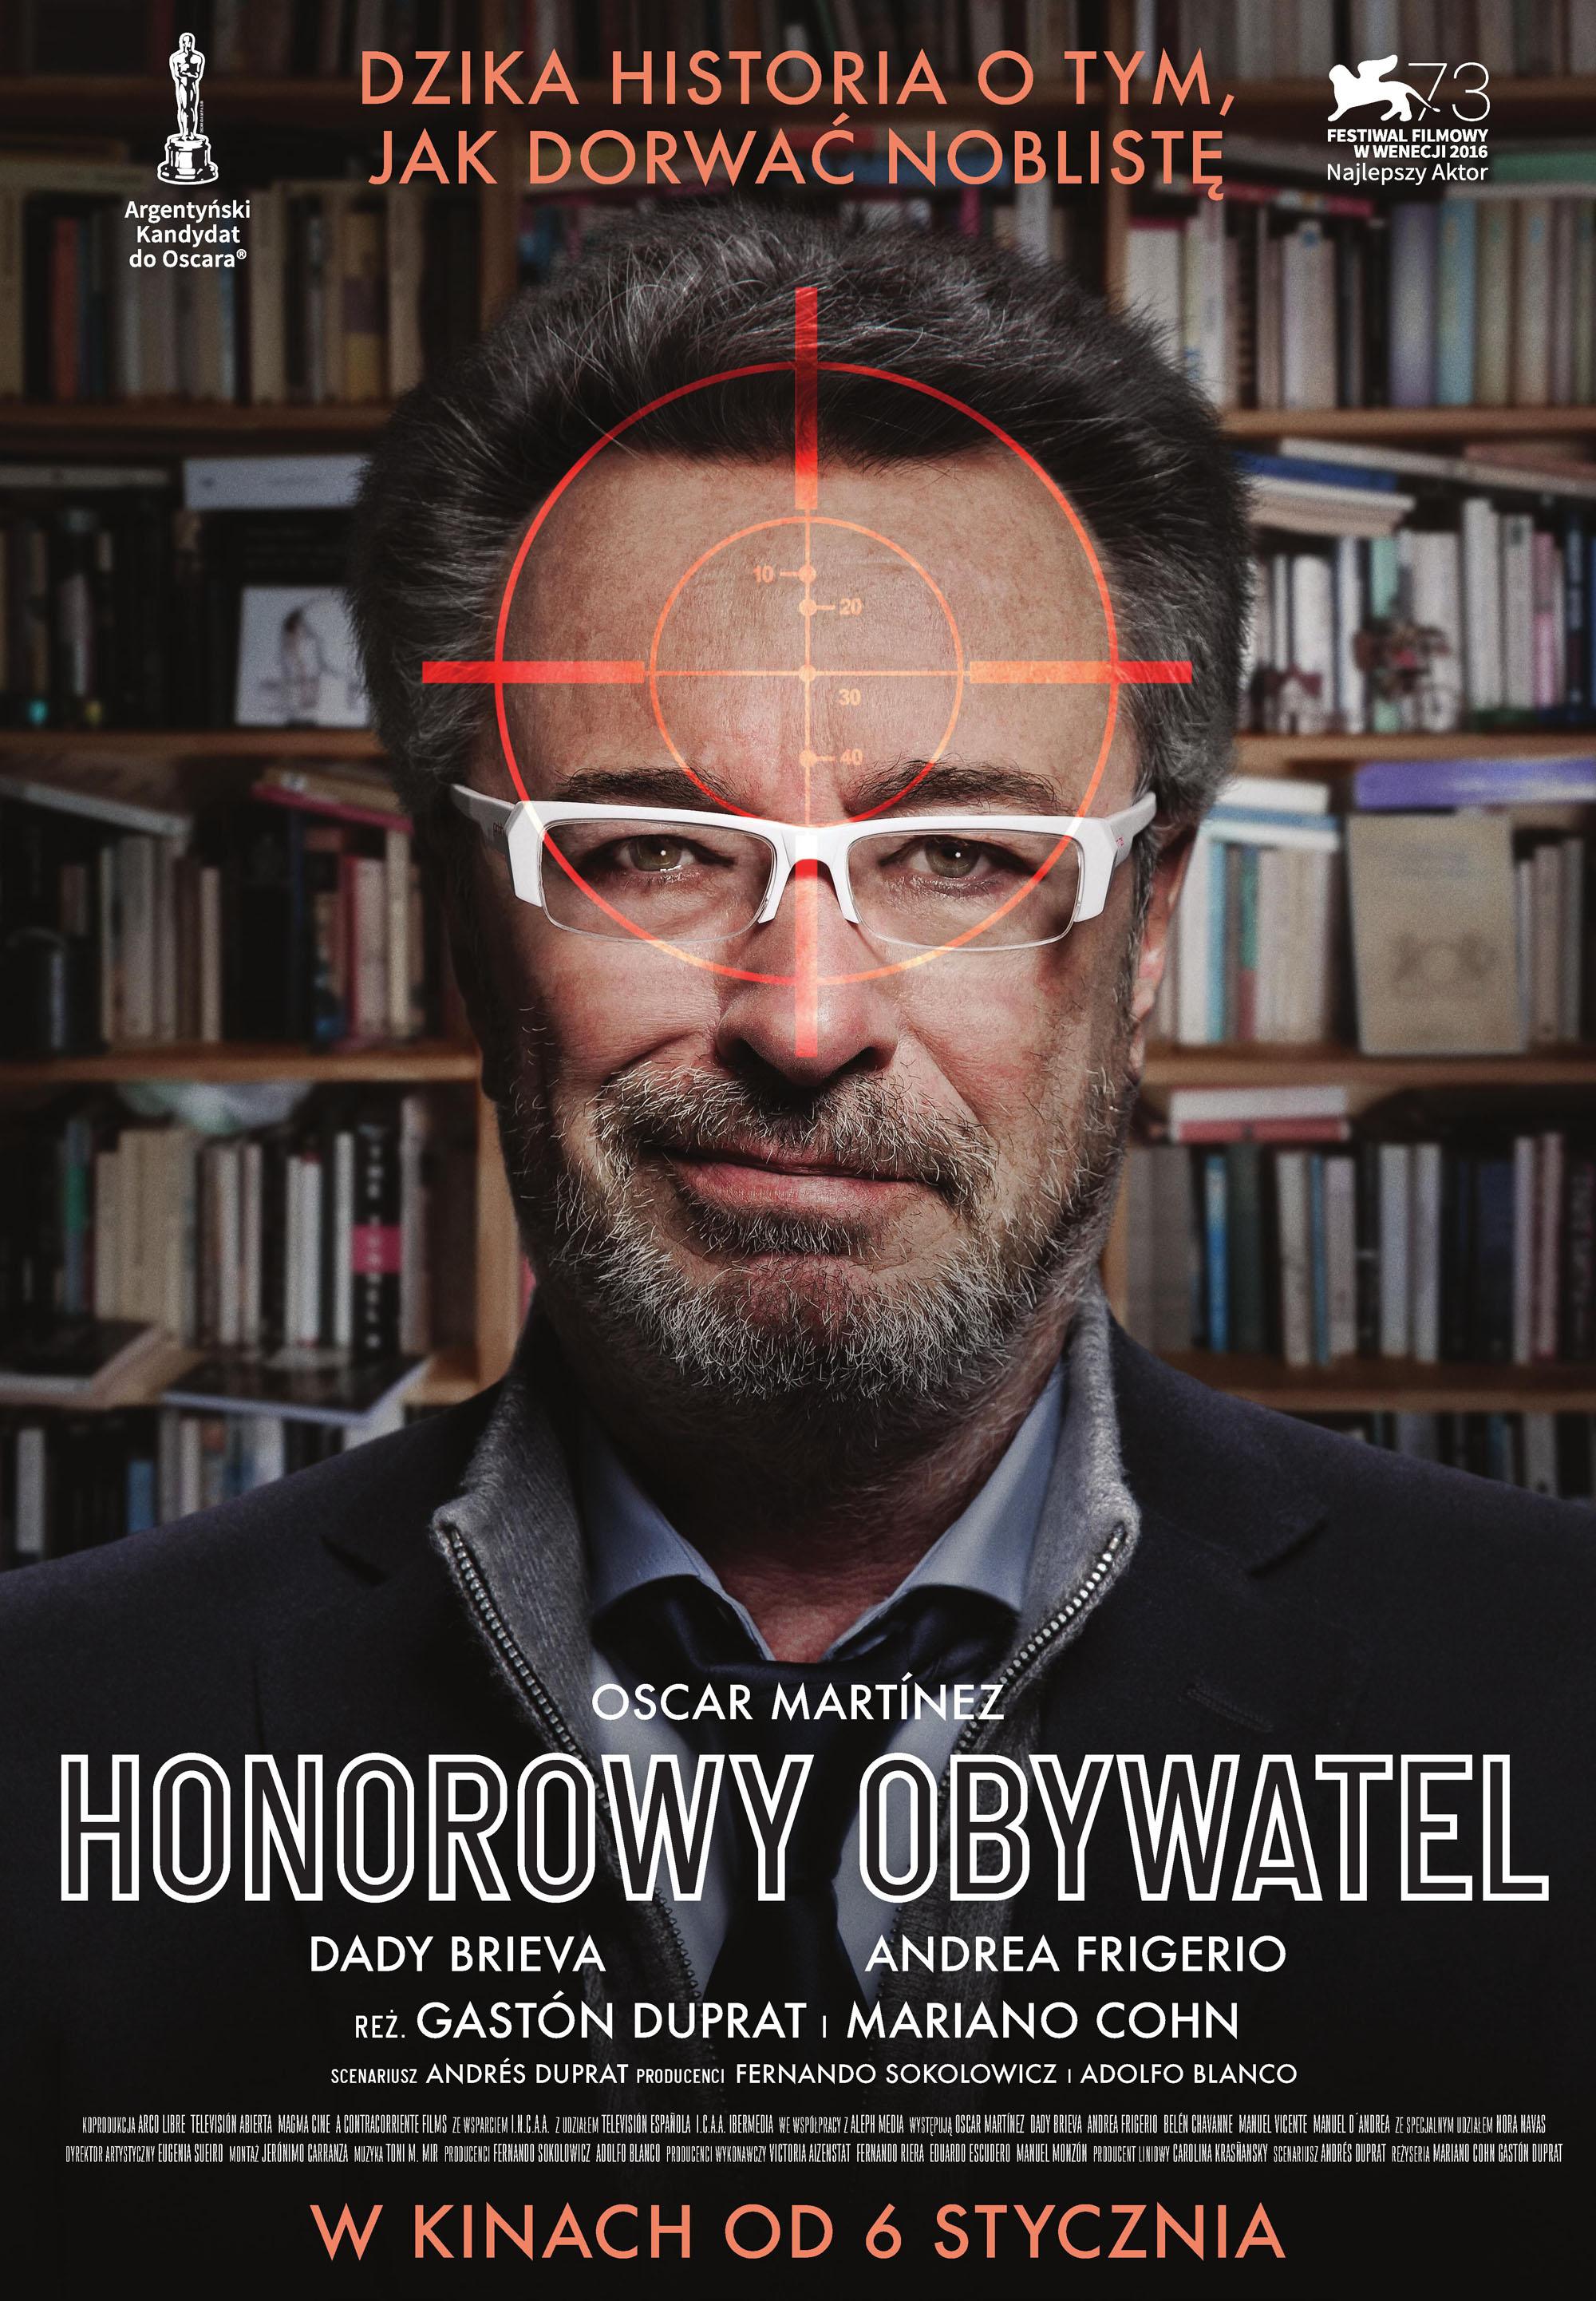 plakat film honorowy obywatel